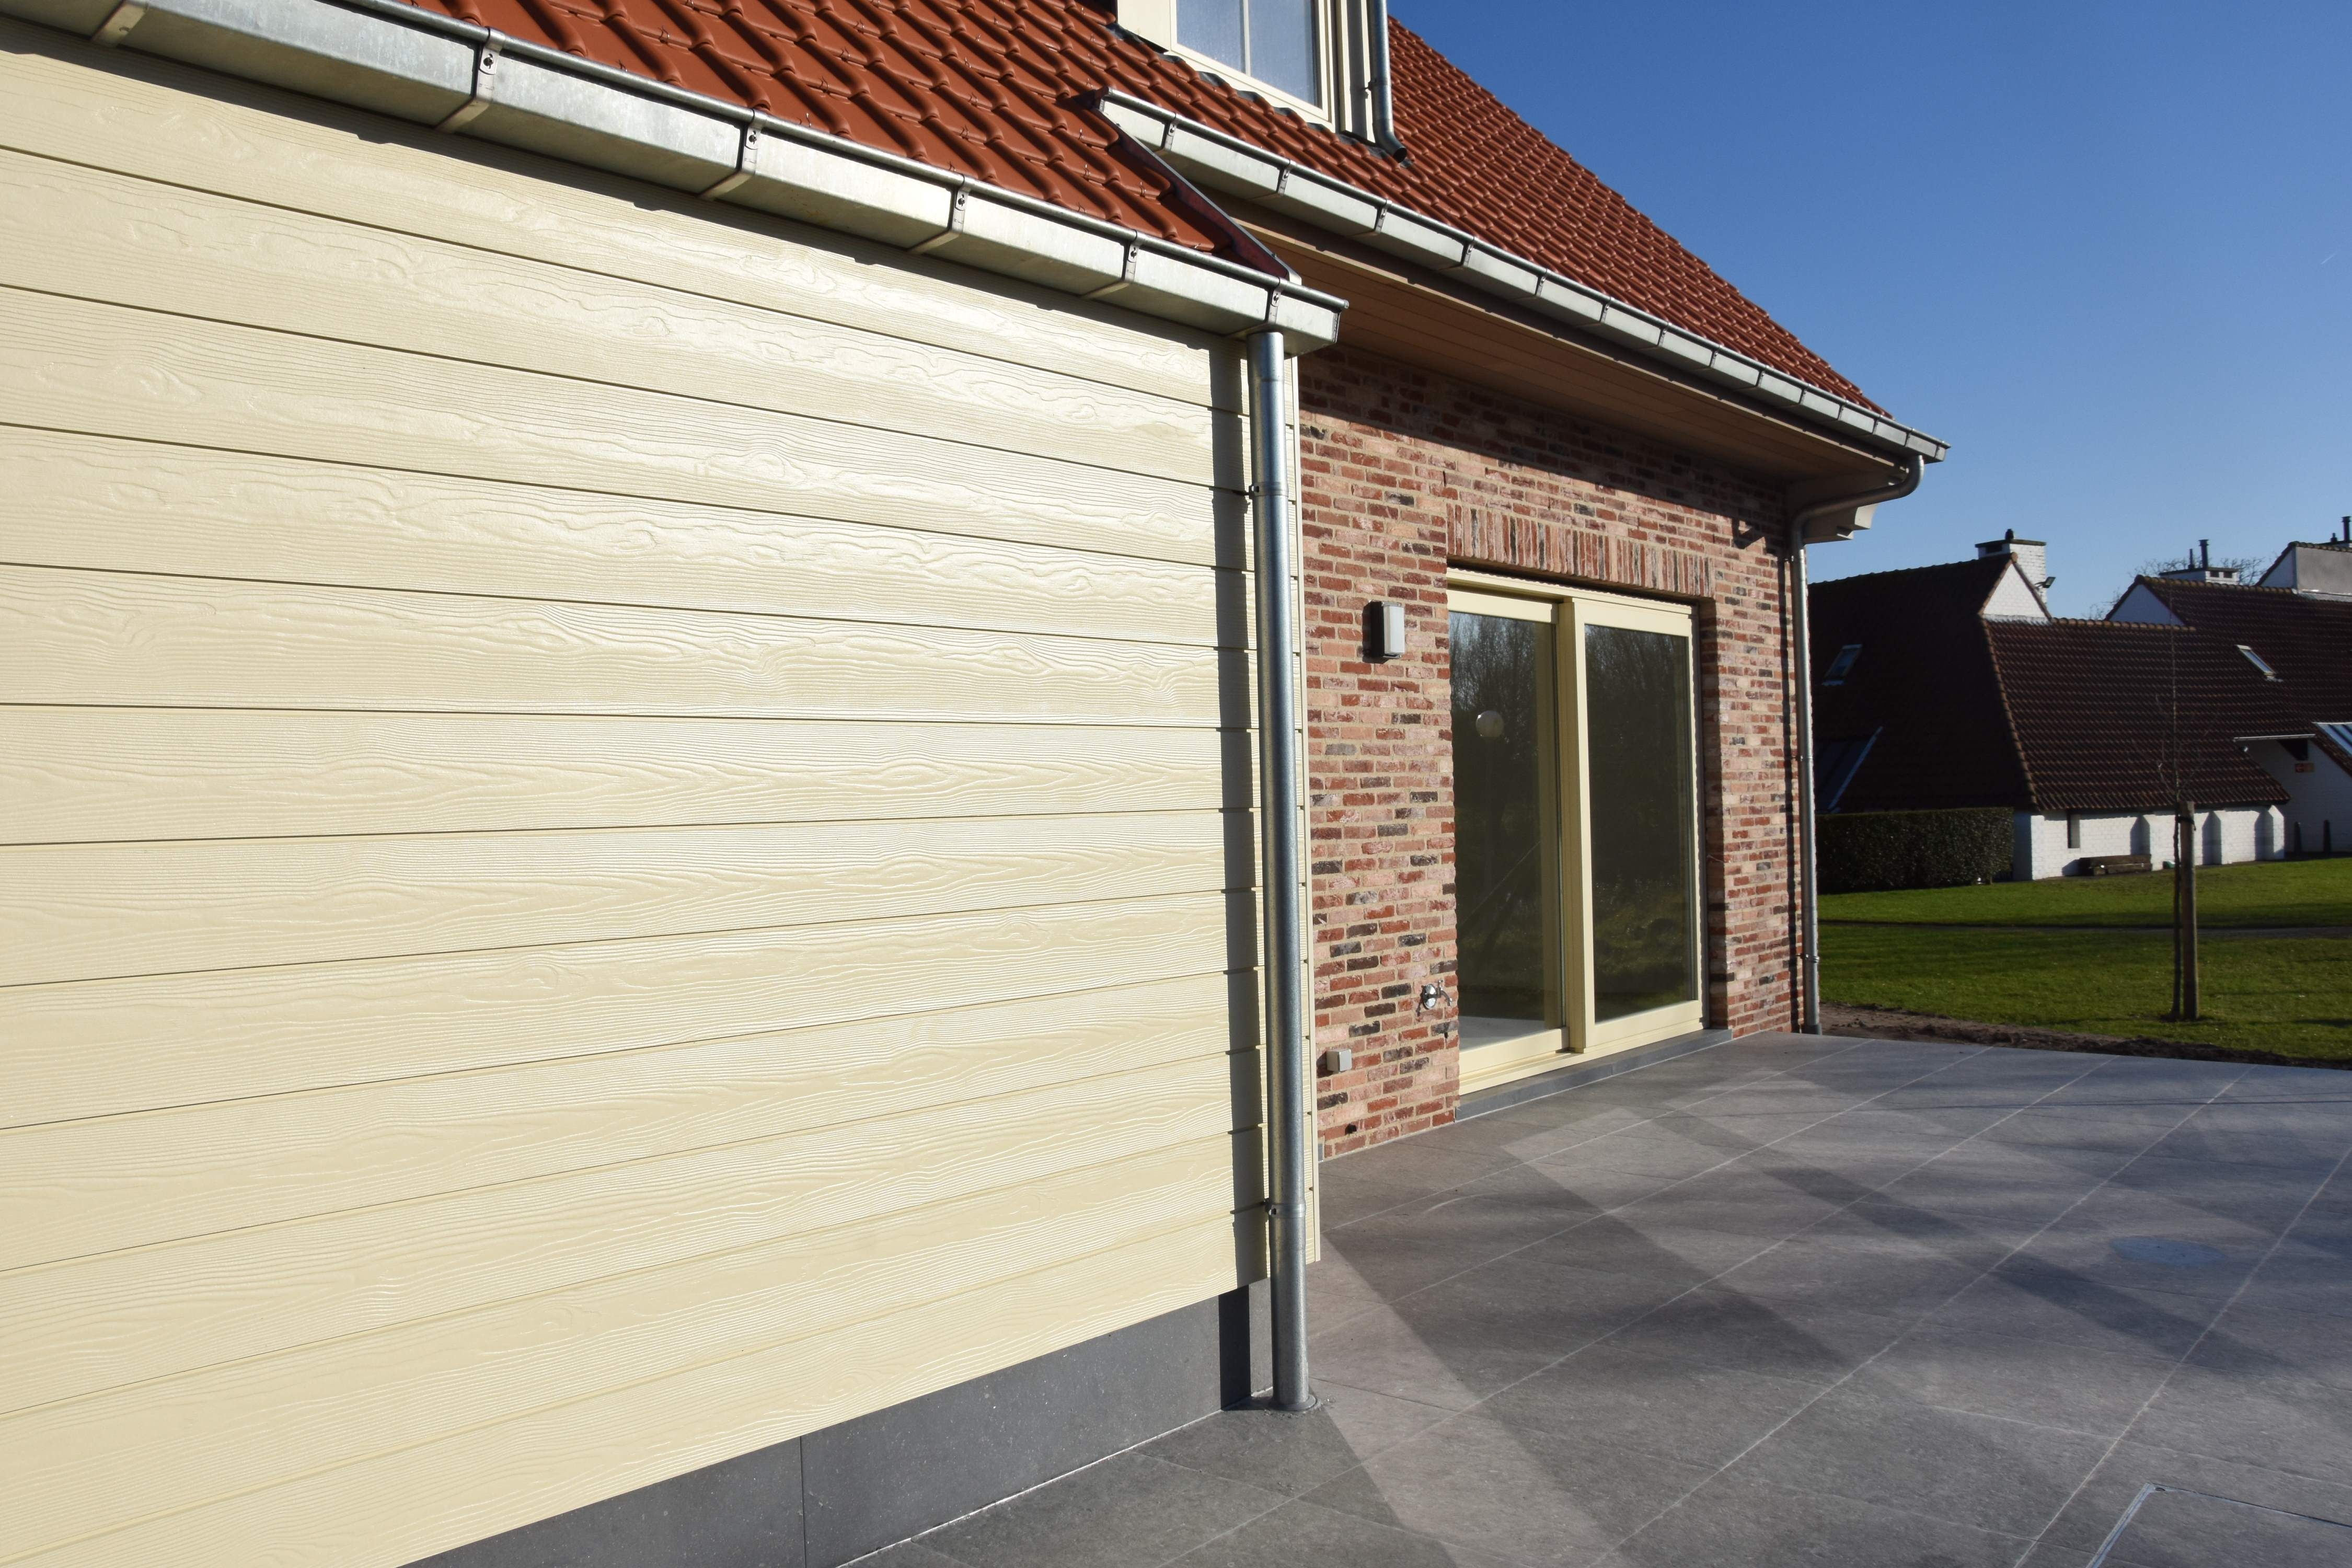 Nieuwbouw woning Gustaaf Buffelstraat Nieuwpoort - 6946